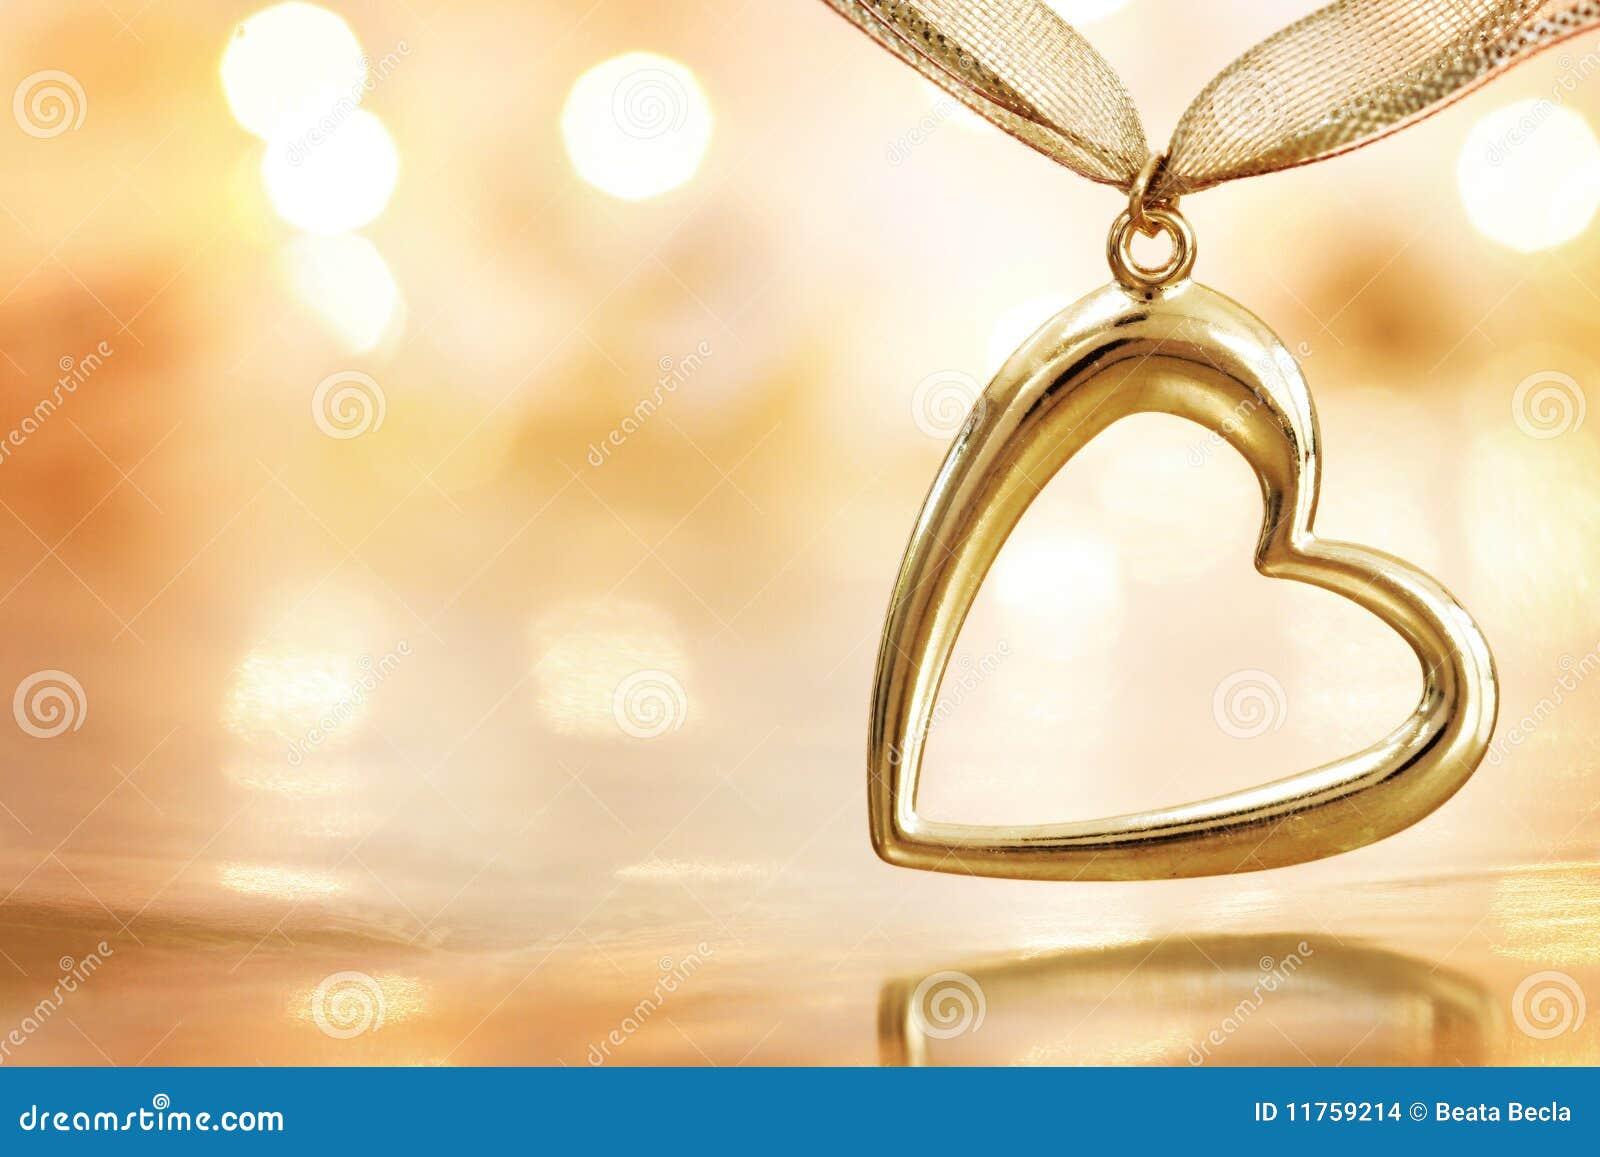 Golden heart on defocused lights background